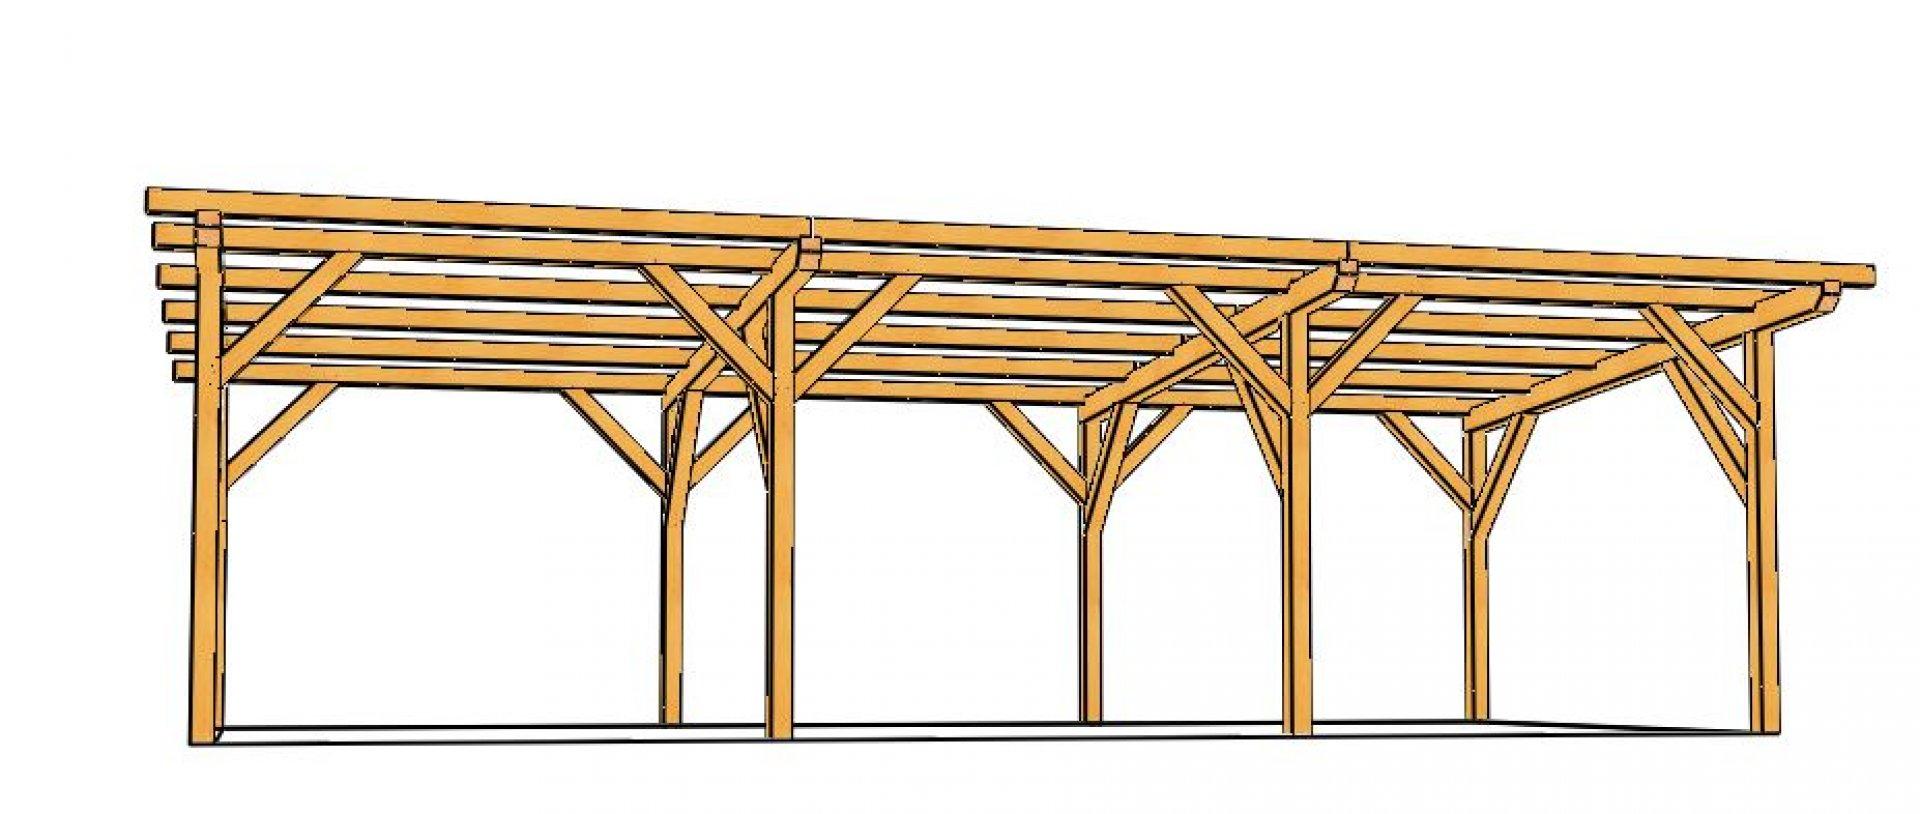 Hangar Bois Monopente (En Sapin Lamellé Collé) À Monter En Kit dedans Construire Un Abri De Jardin En Bois Soi Meme